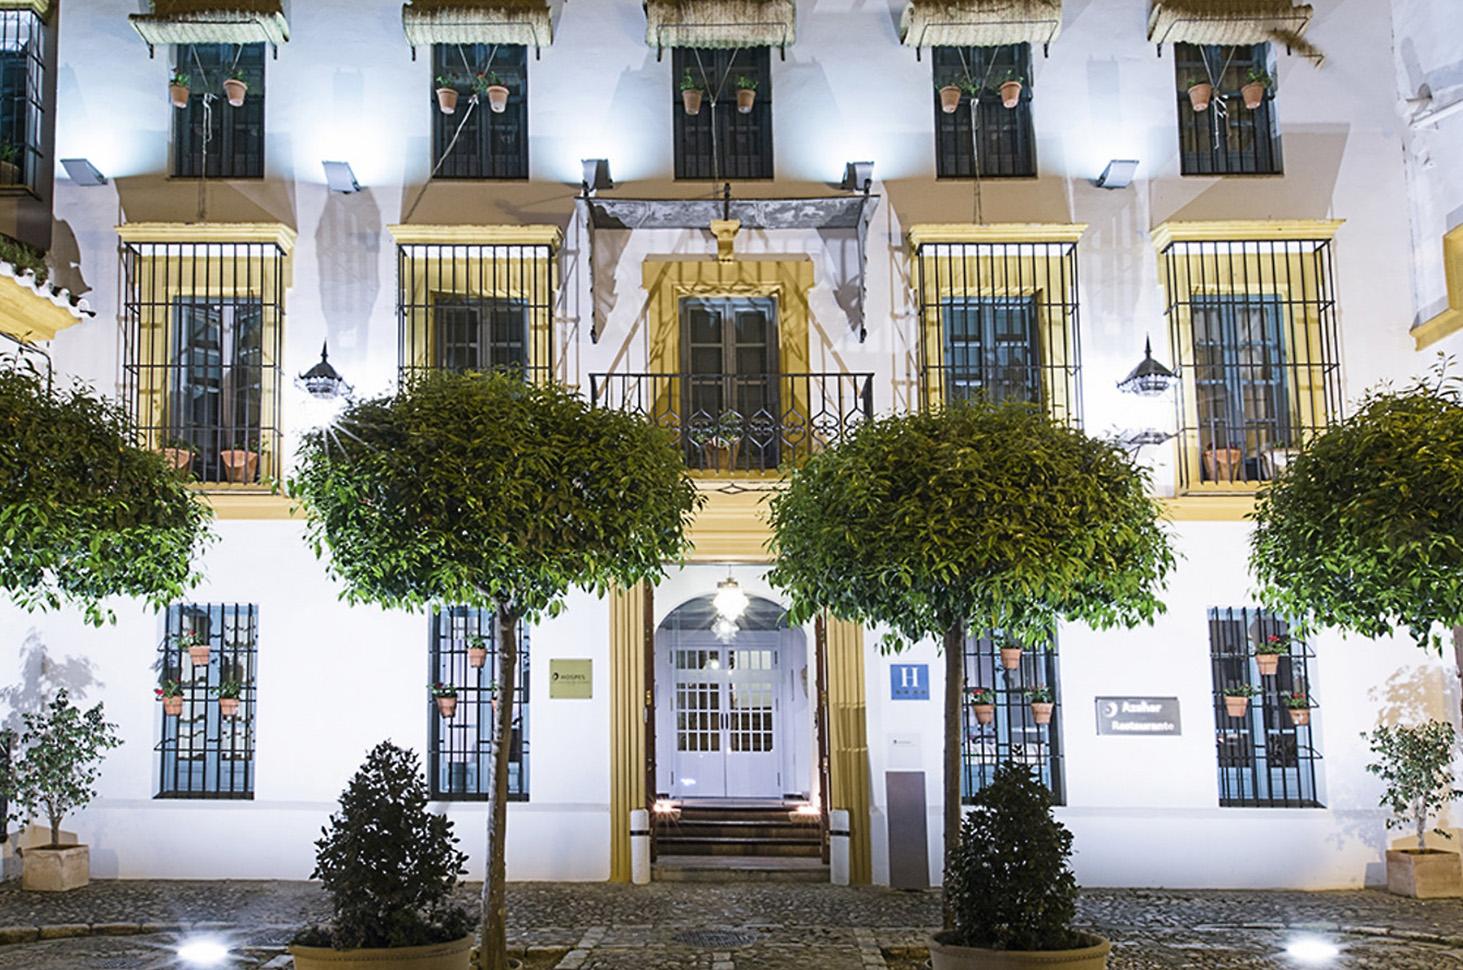 ventanas-hotel-casa-rey-baeza-12